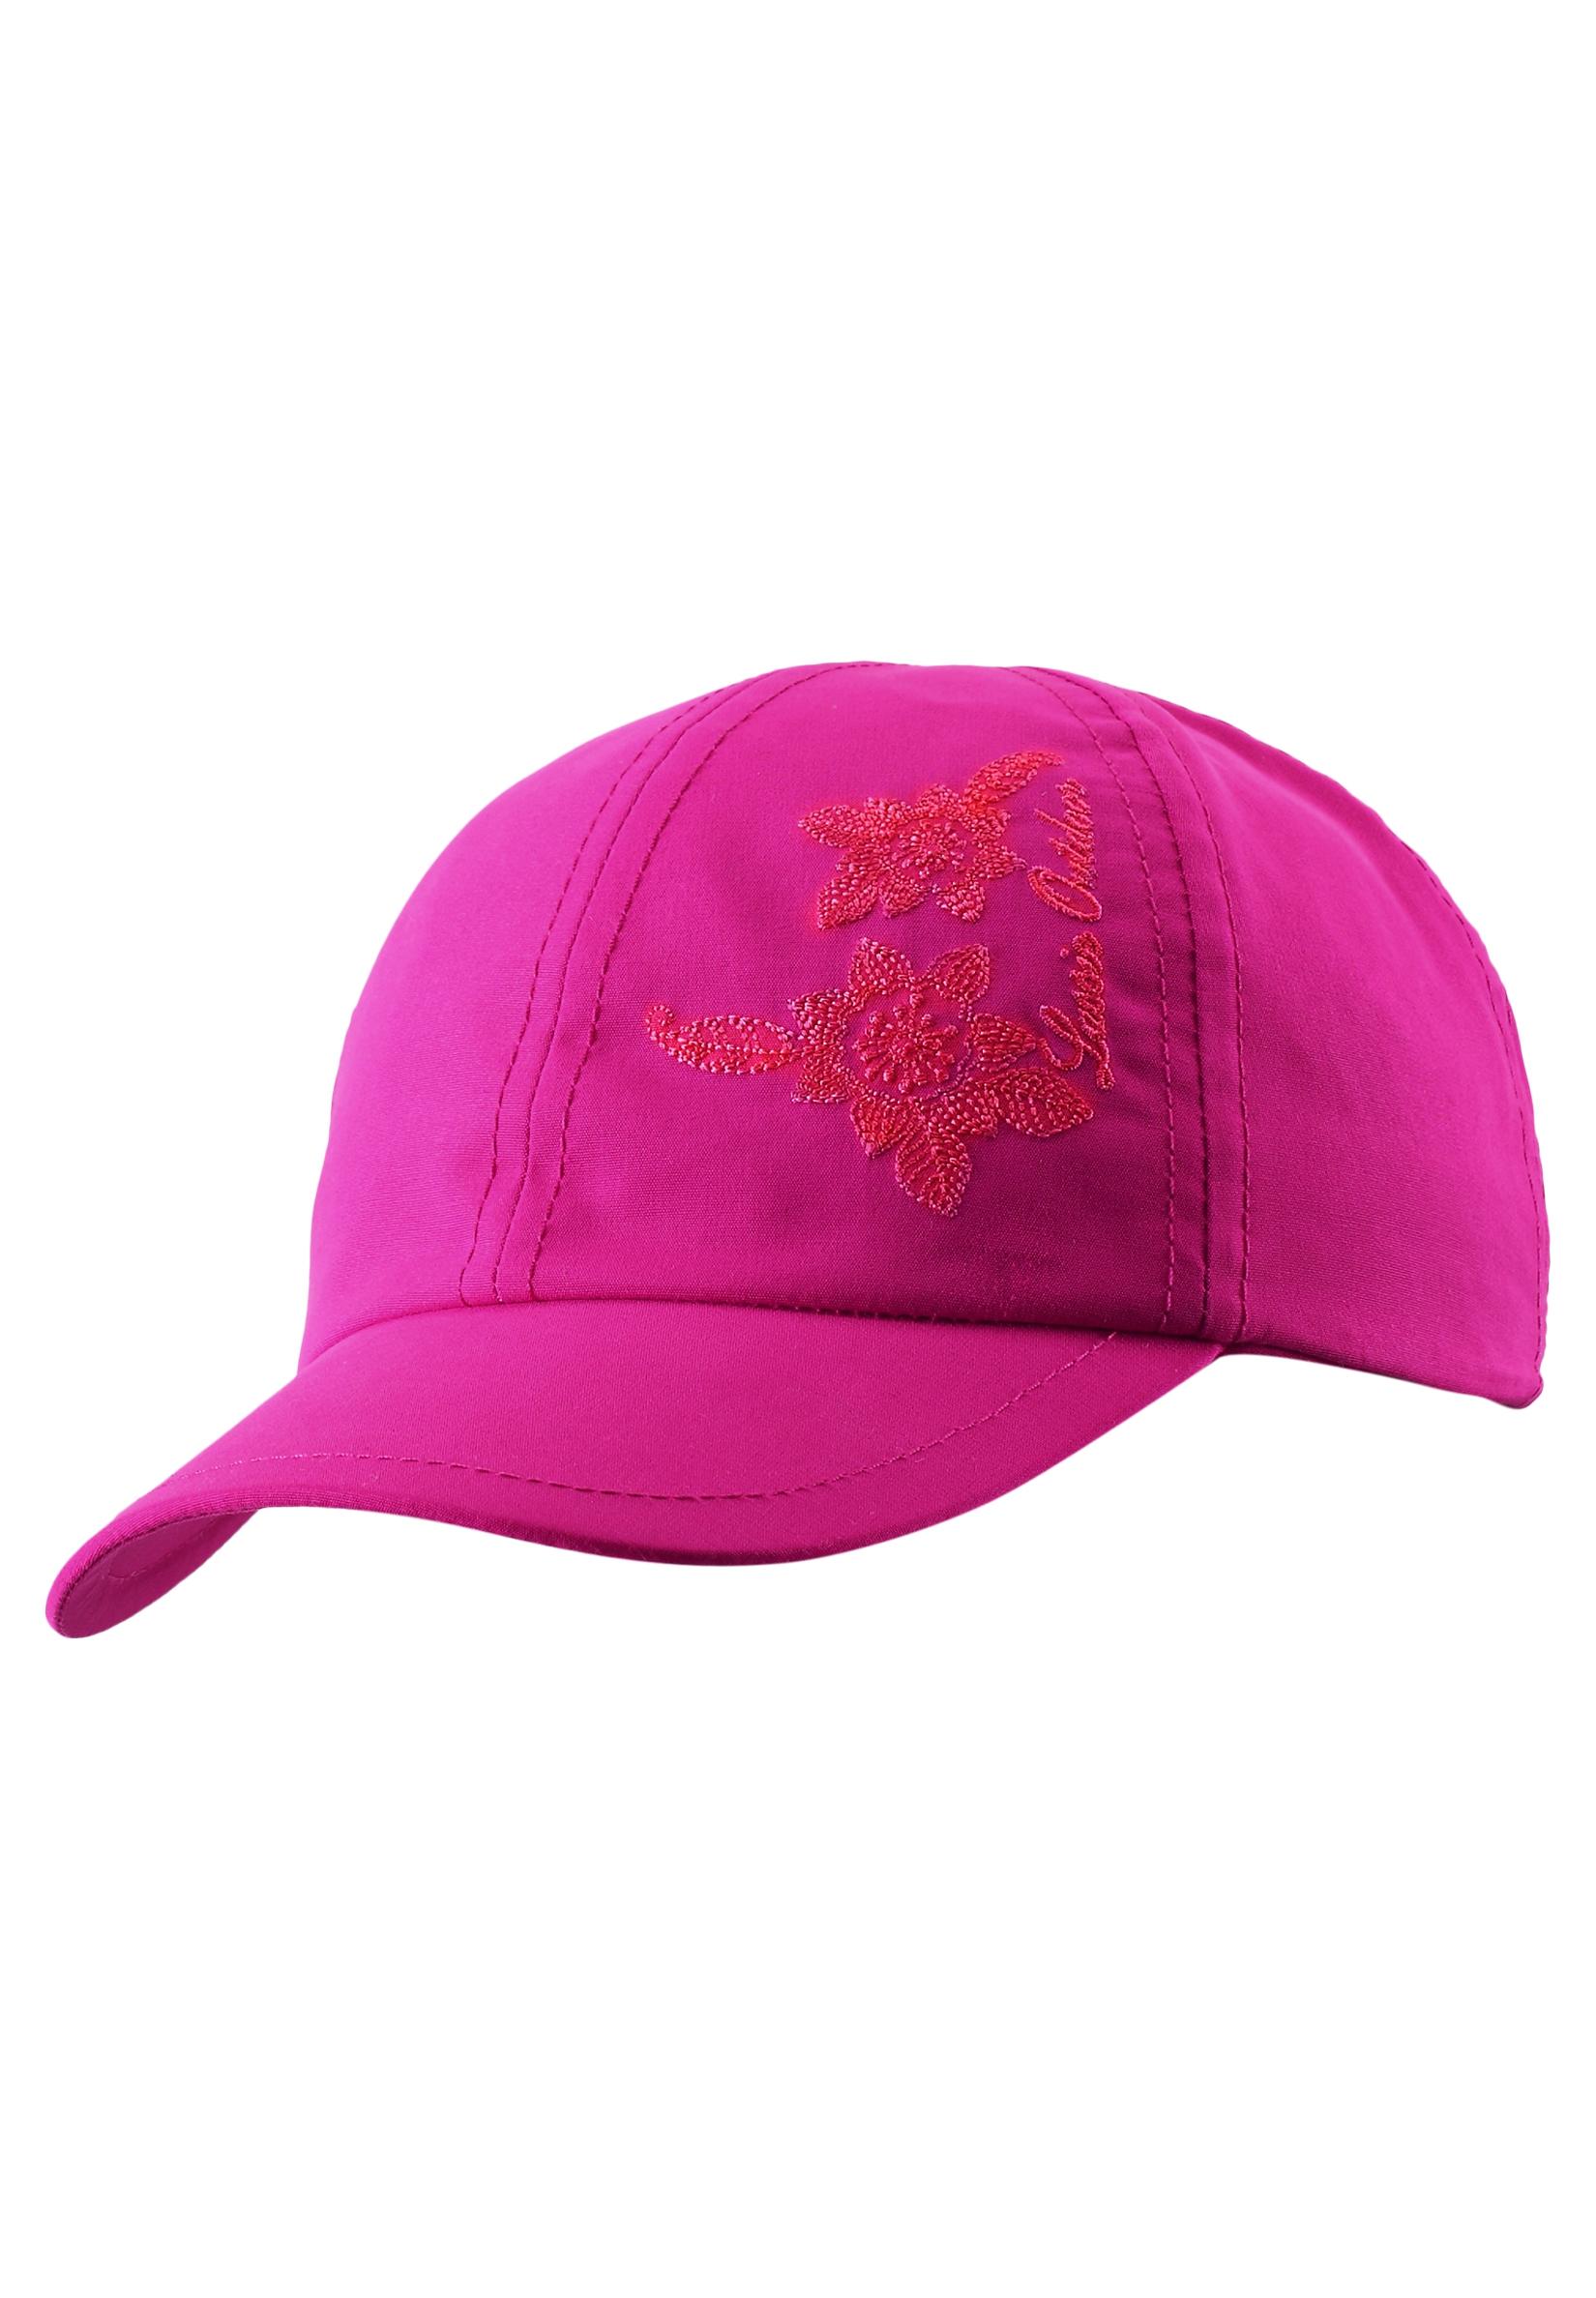 Головные уборы Lassie Шапка для девочки Cap pink, розовая alumi curl cap pink